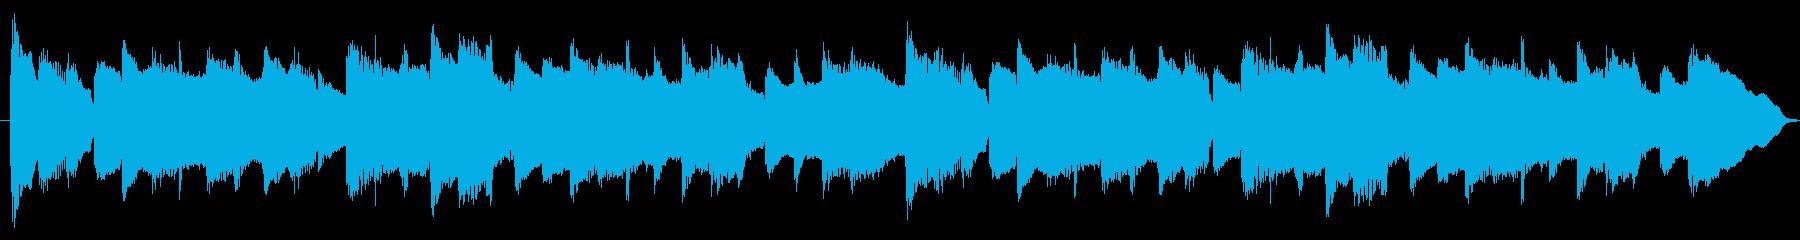 ハープシコードのソロ曲です。の再生済みの波形